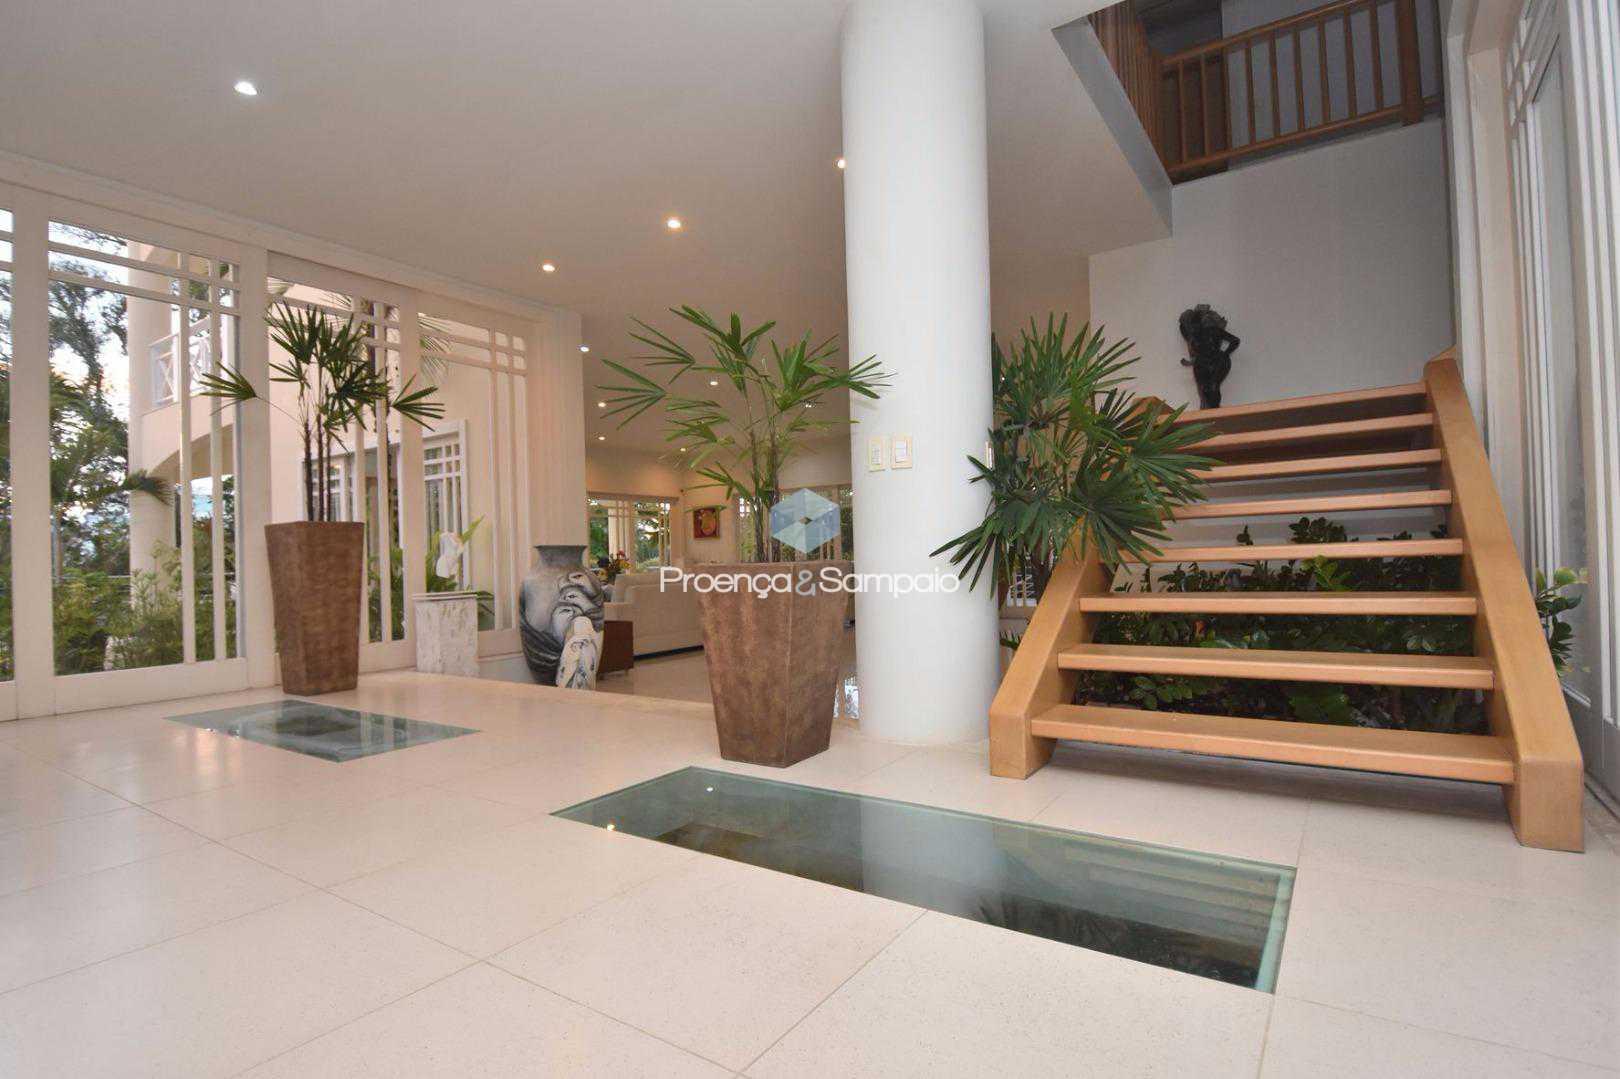 FOTO20 - Casa em Condomínio 5 quartos à venda Lauro de Freitas,BA - R$ 6.000.000 - PSCN50015 - 22